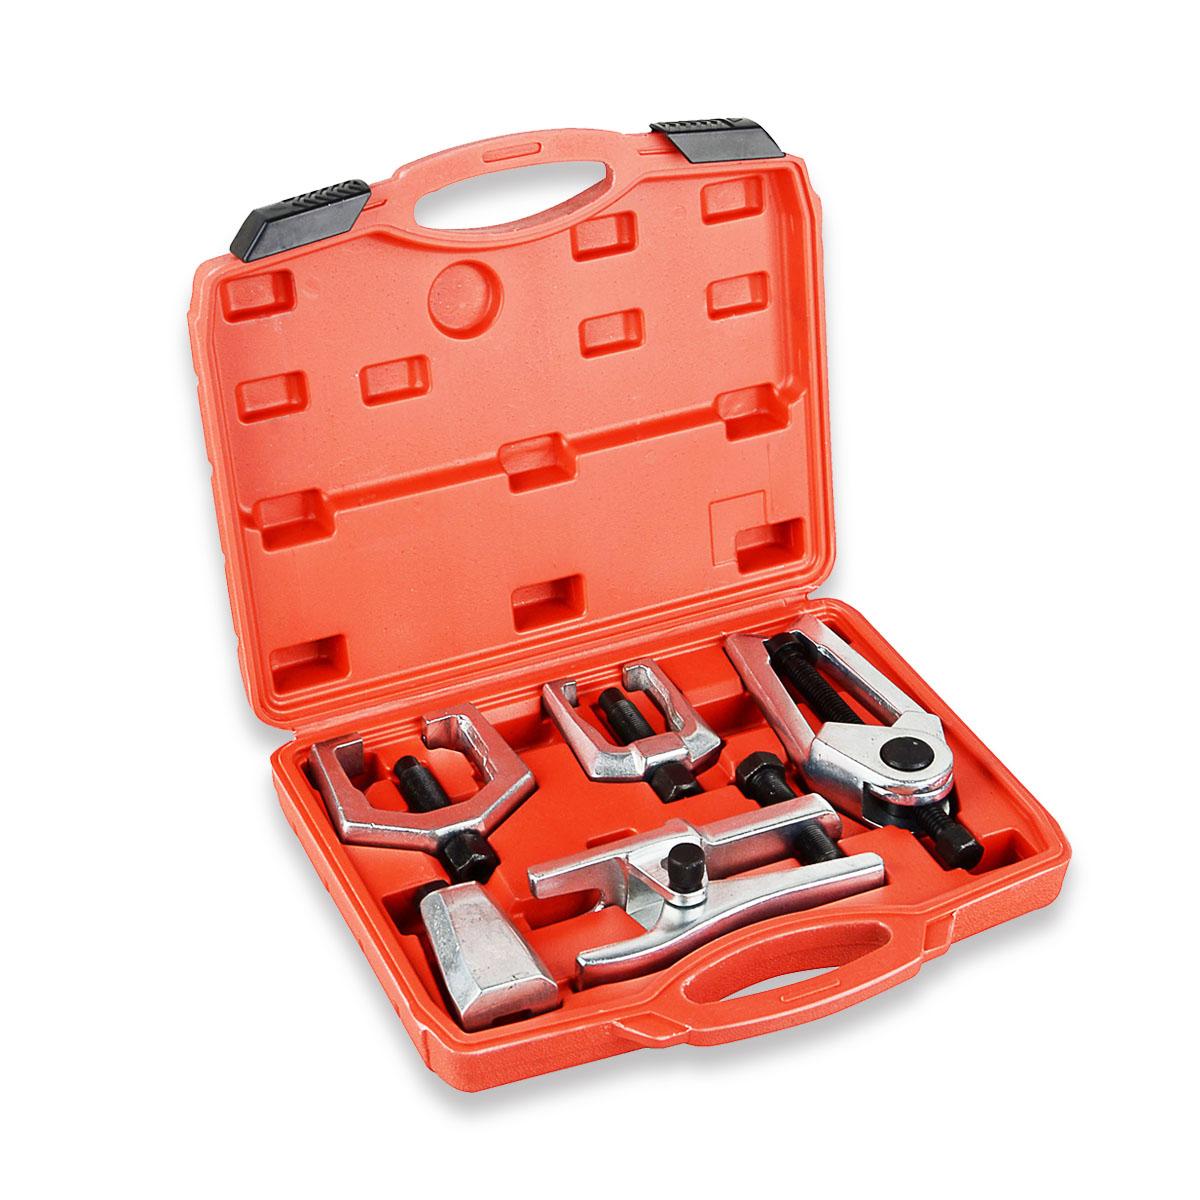 球头拆卸工具球头取出器汽修工具套装球头拉马欧式多功能拆卸工具